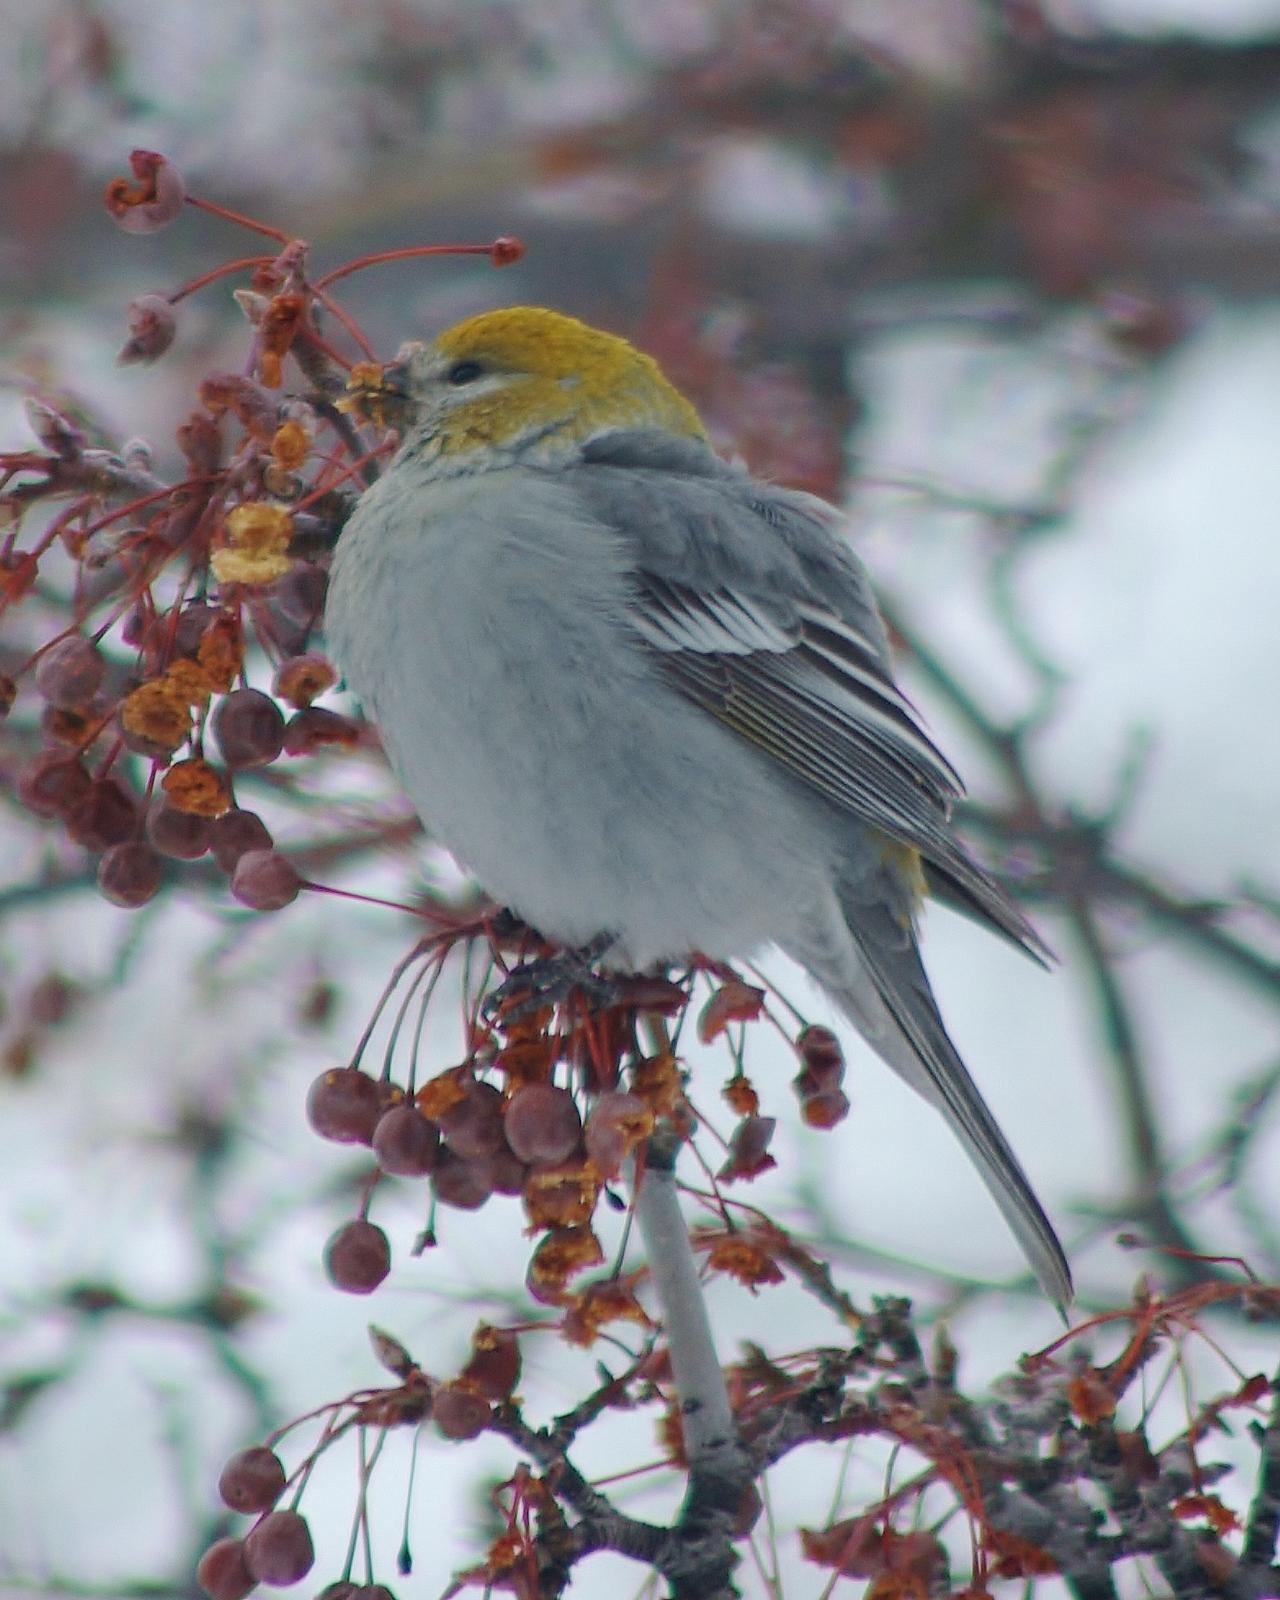 Pine Grosbeak Photo by Leah R. Lewis